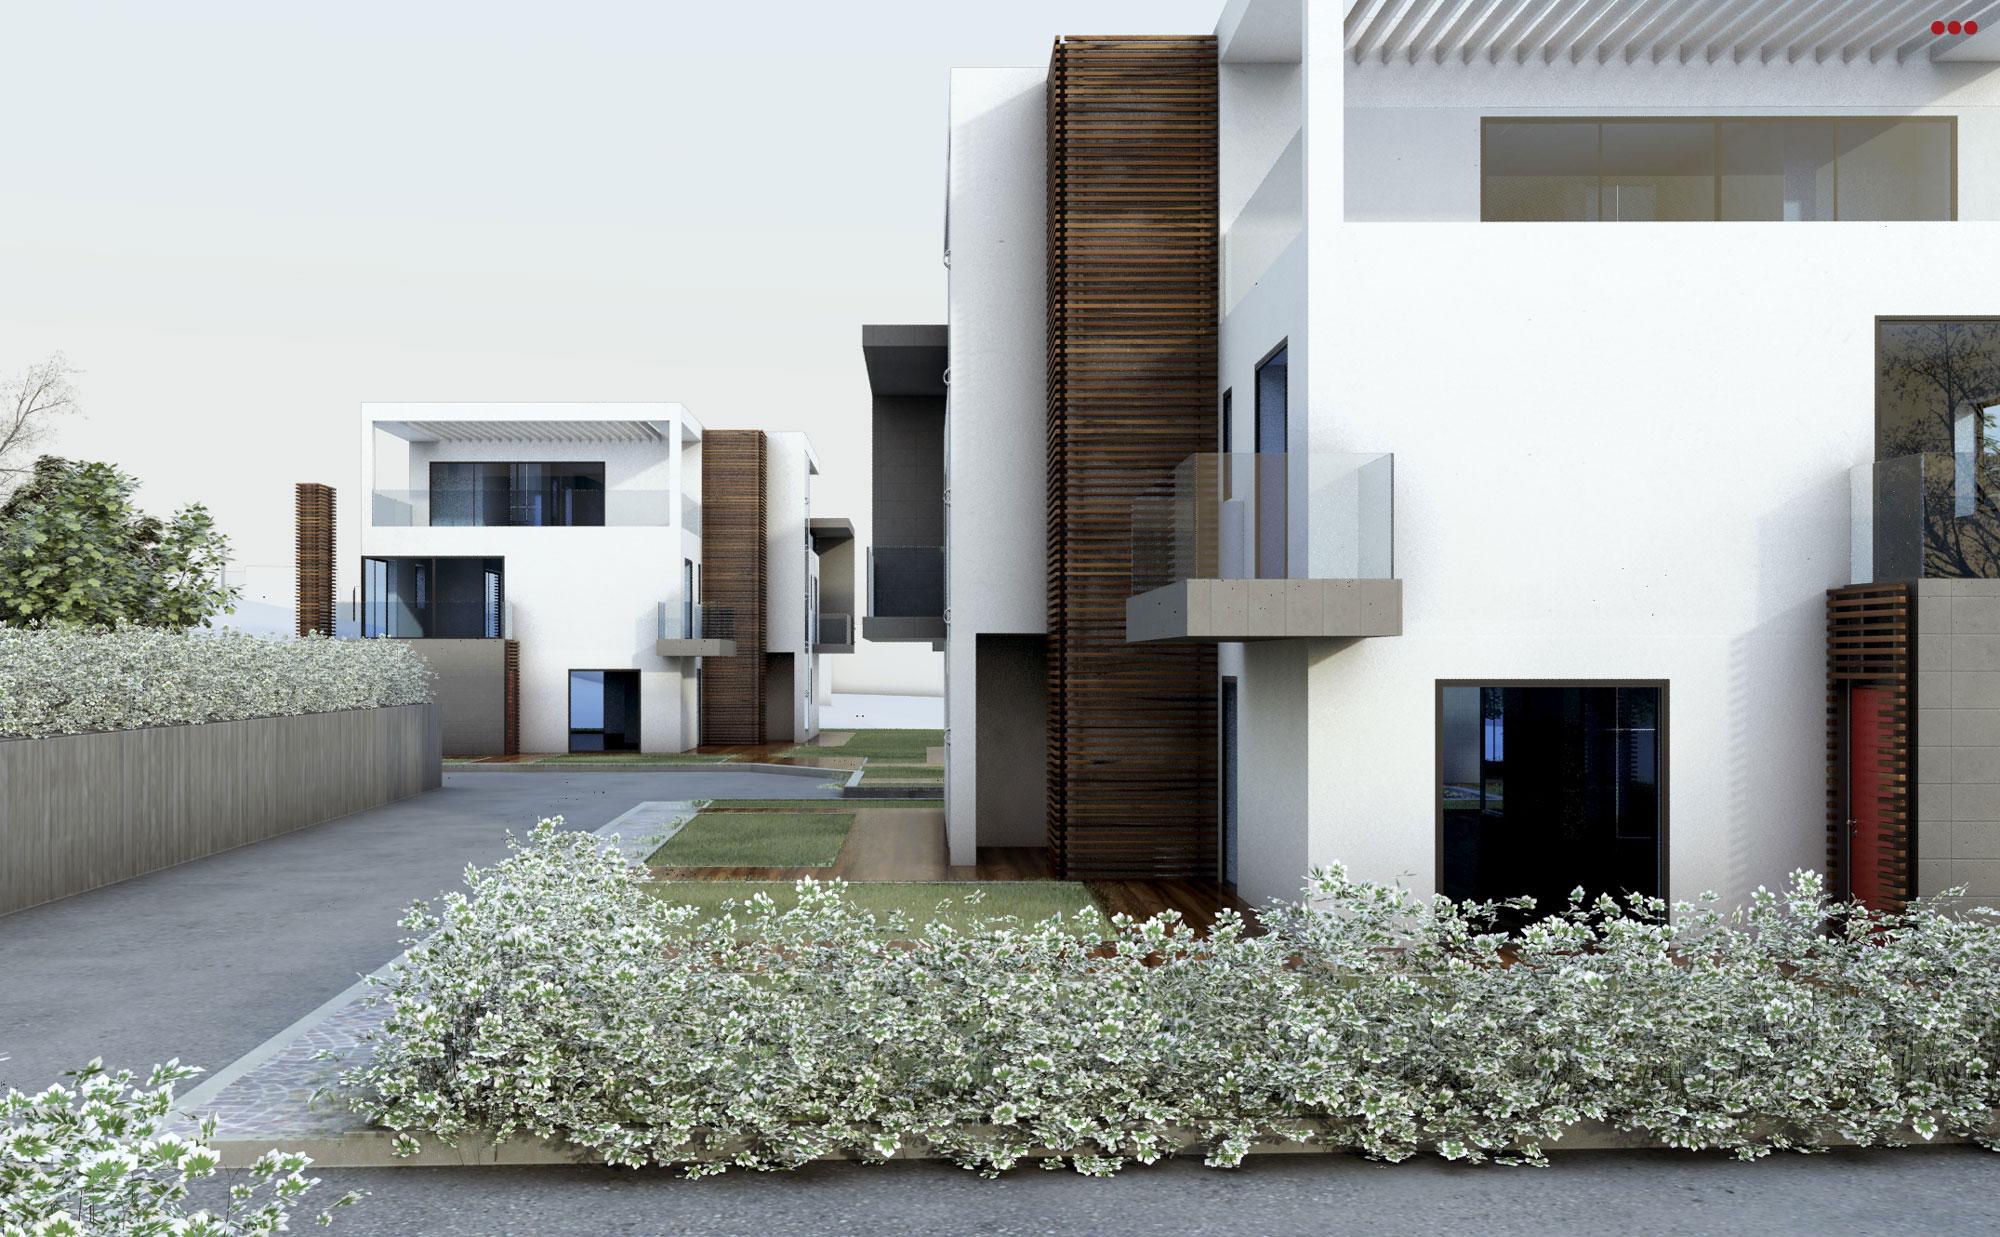 rendering 3d modeling architettura costruzioni studio bartolini gabicce rimini 14